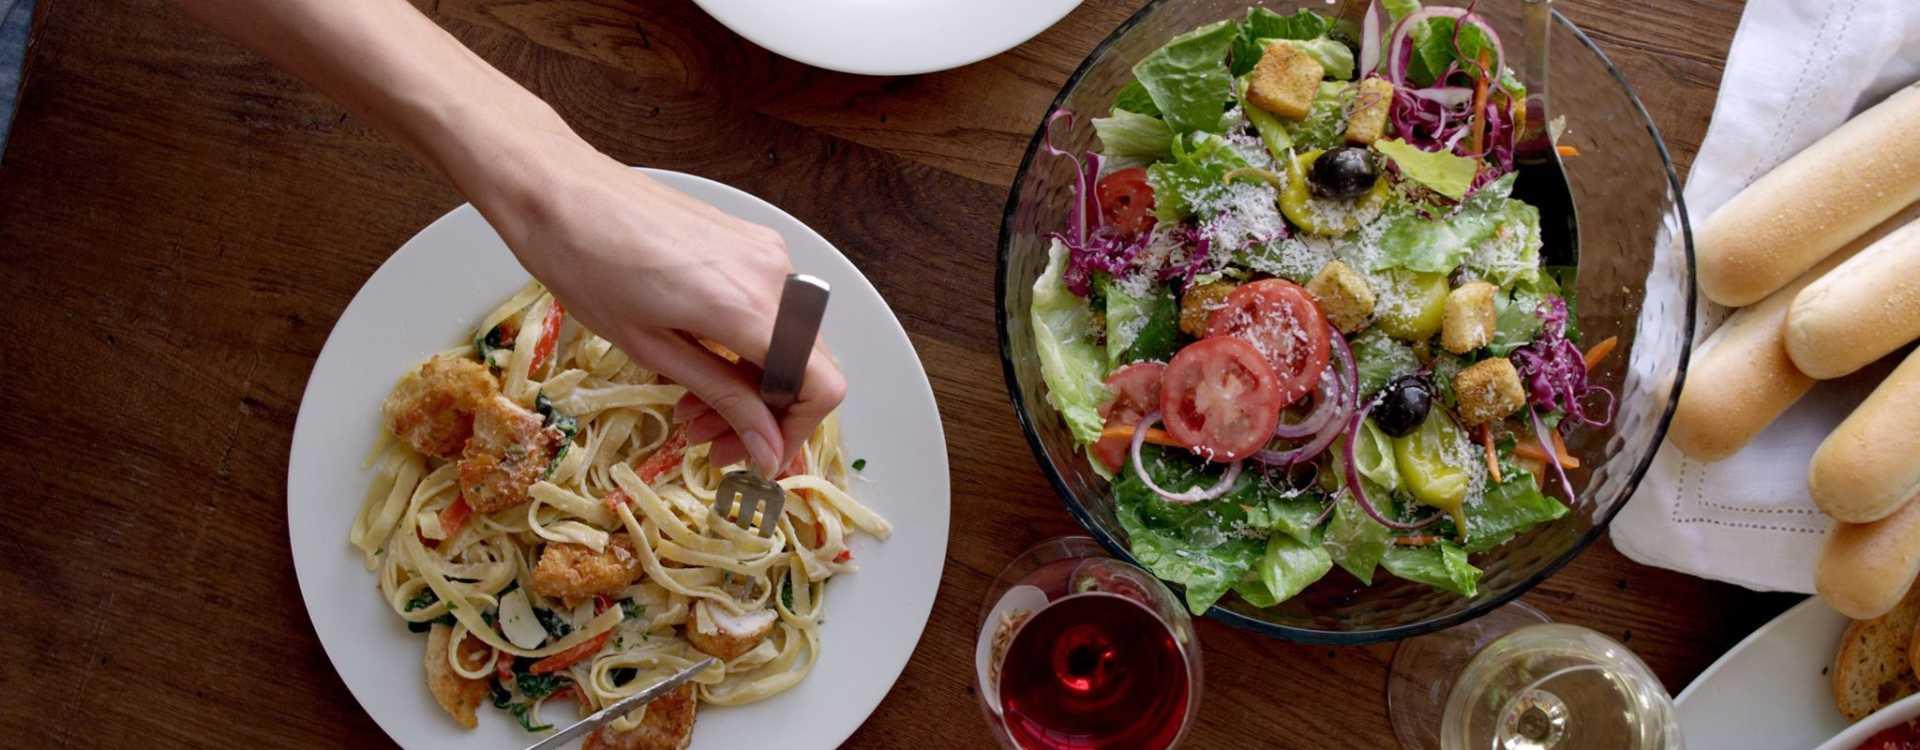 Olive_Garden_Italian_Restaurant-2.jpg